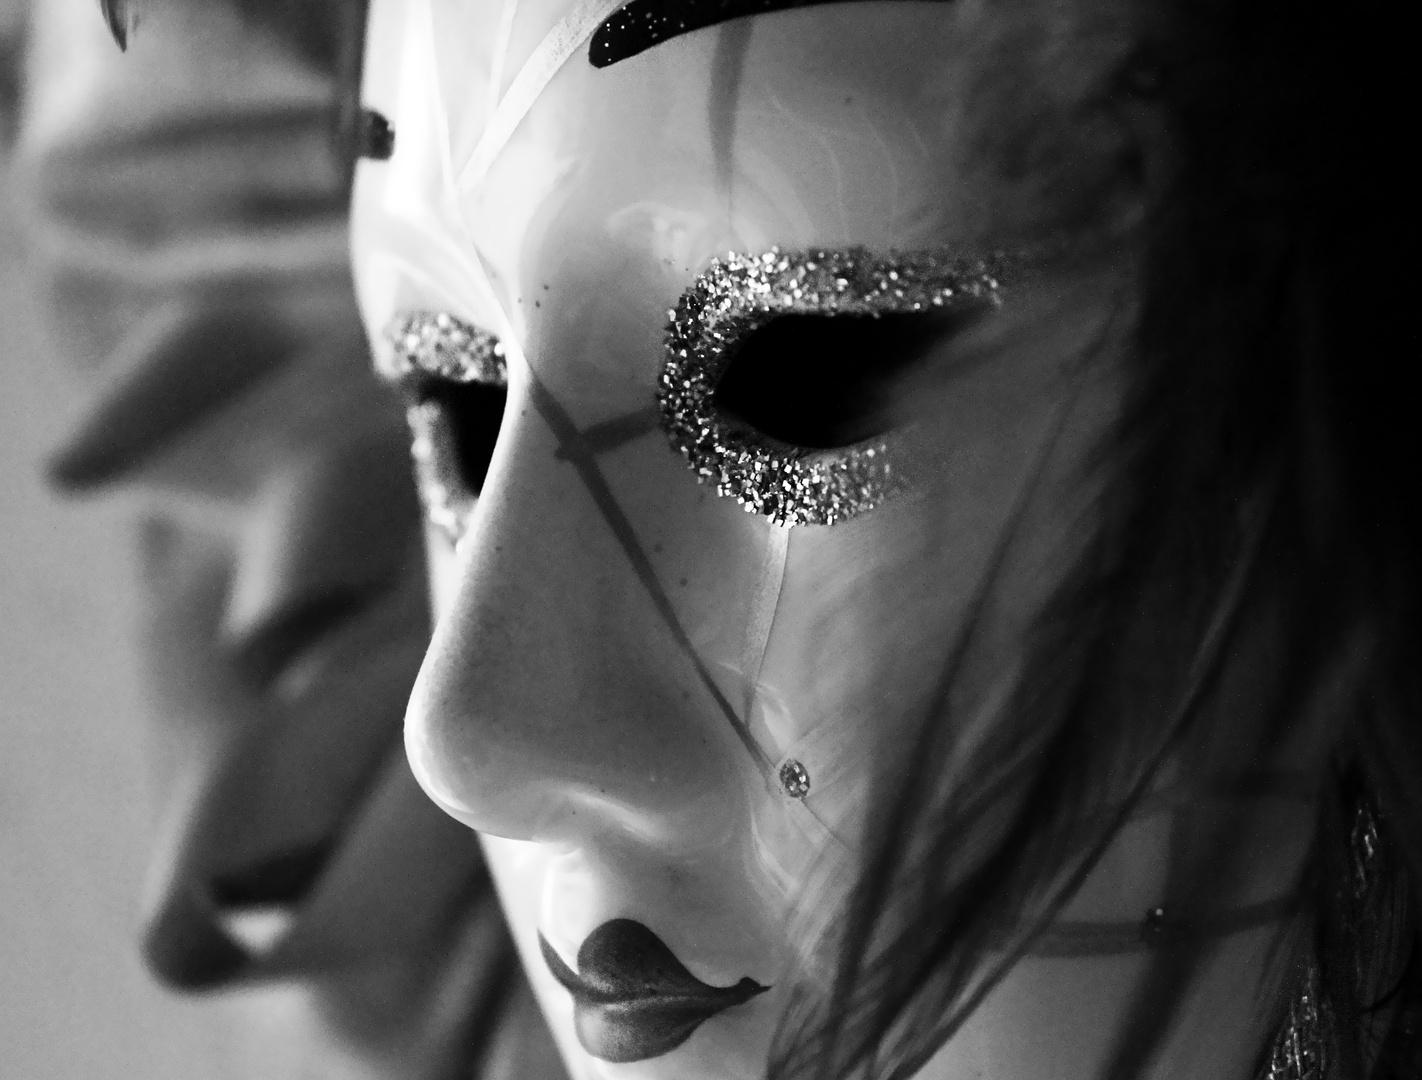 Wer nicht weiß, daß er eine Maske trägt, trägt sie am vollkommensten.